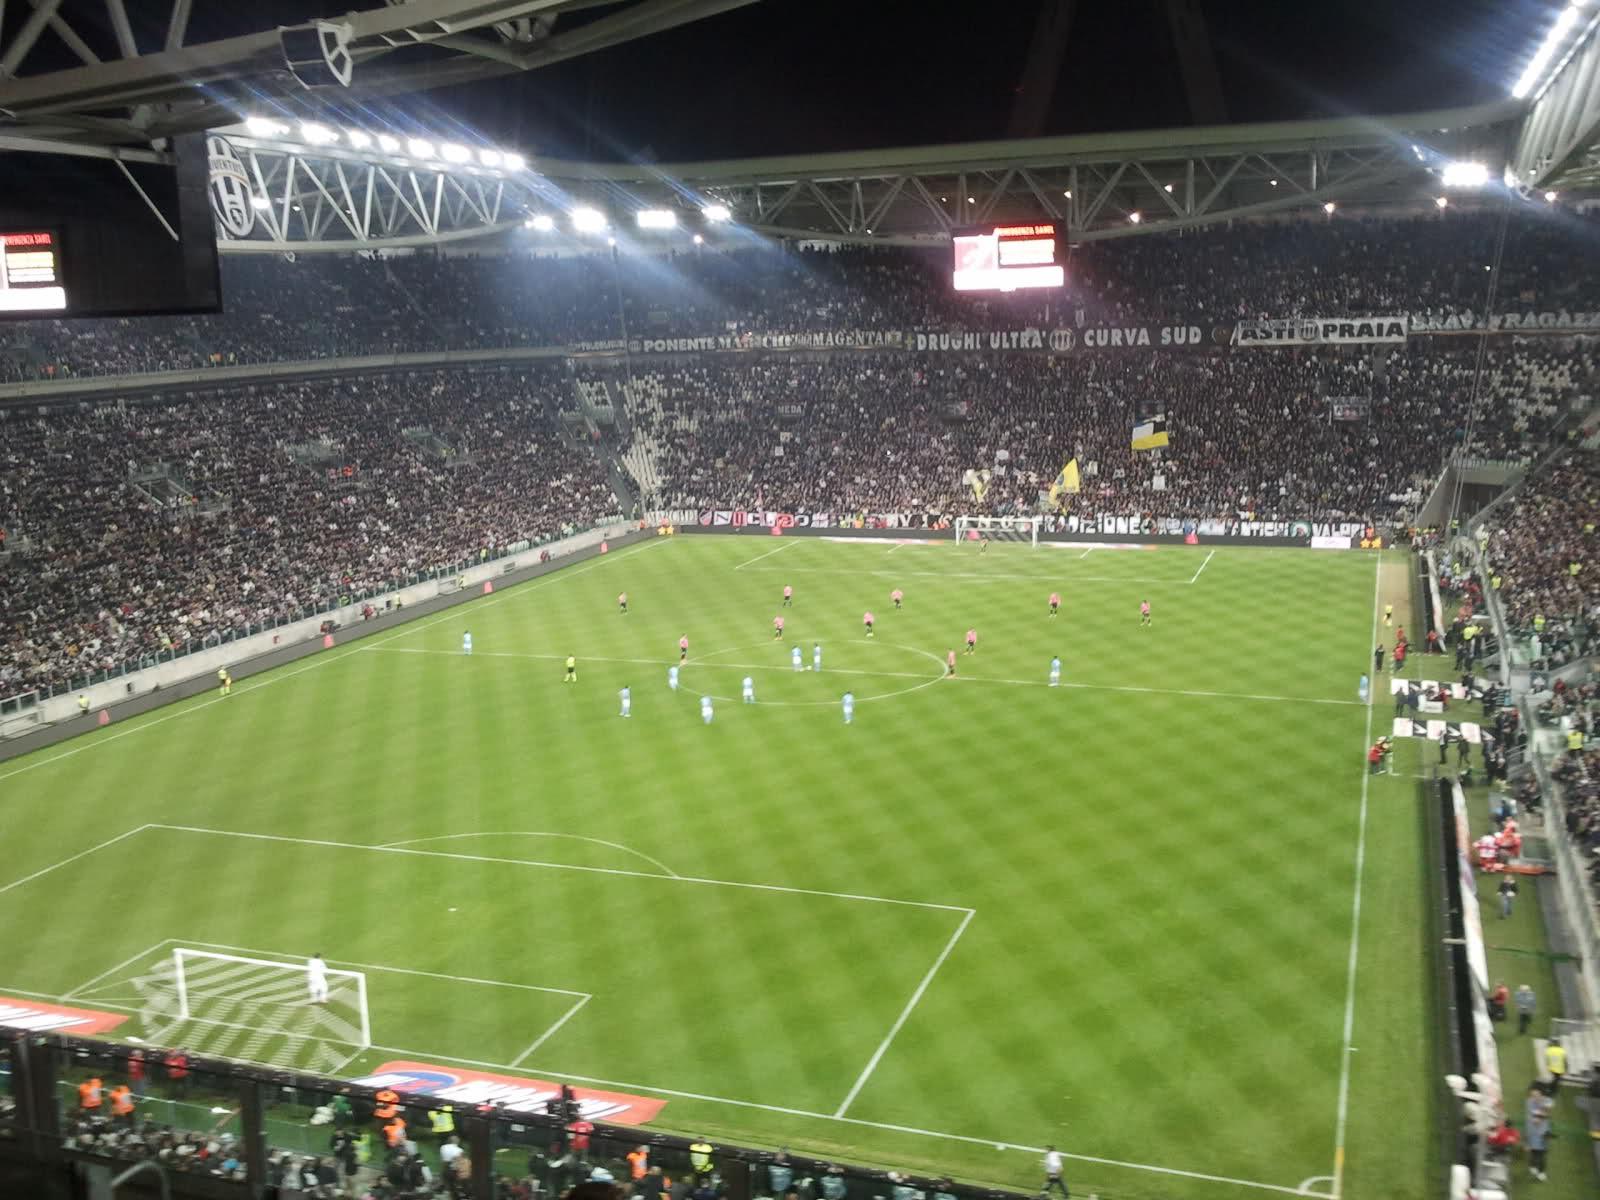 Juventus Vs Udinese Wallpaper: Juventus Stadium Wallpapers